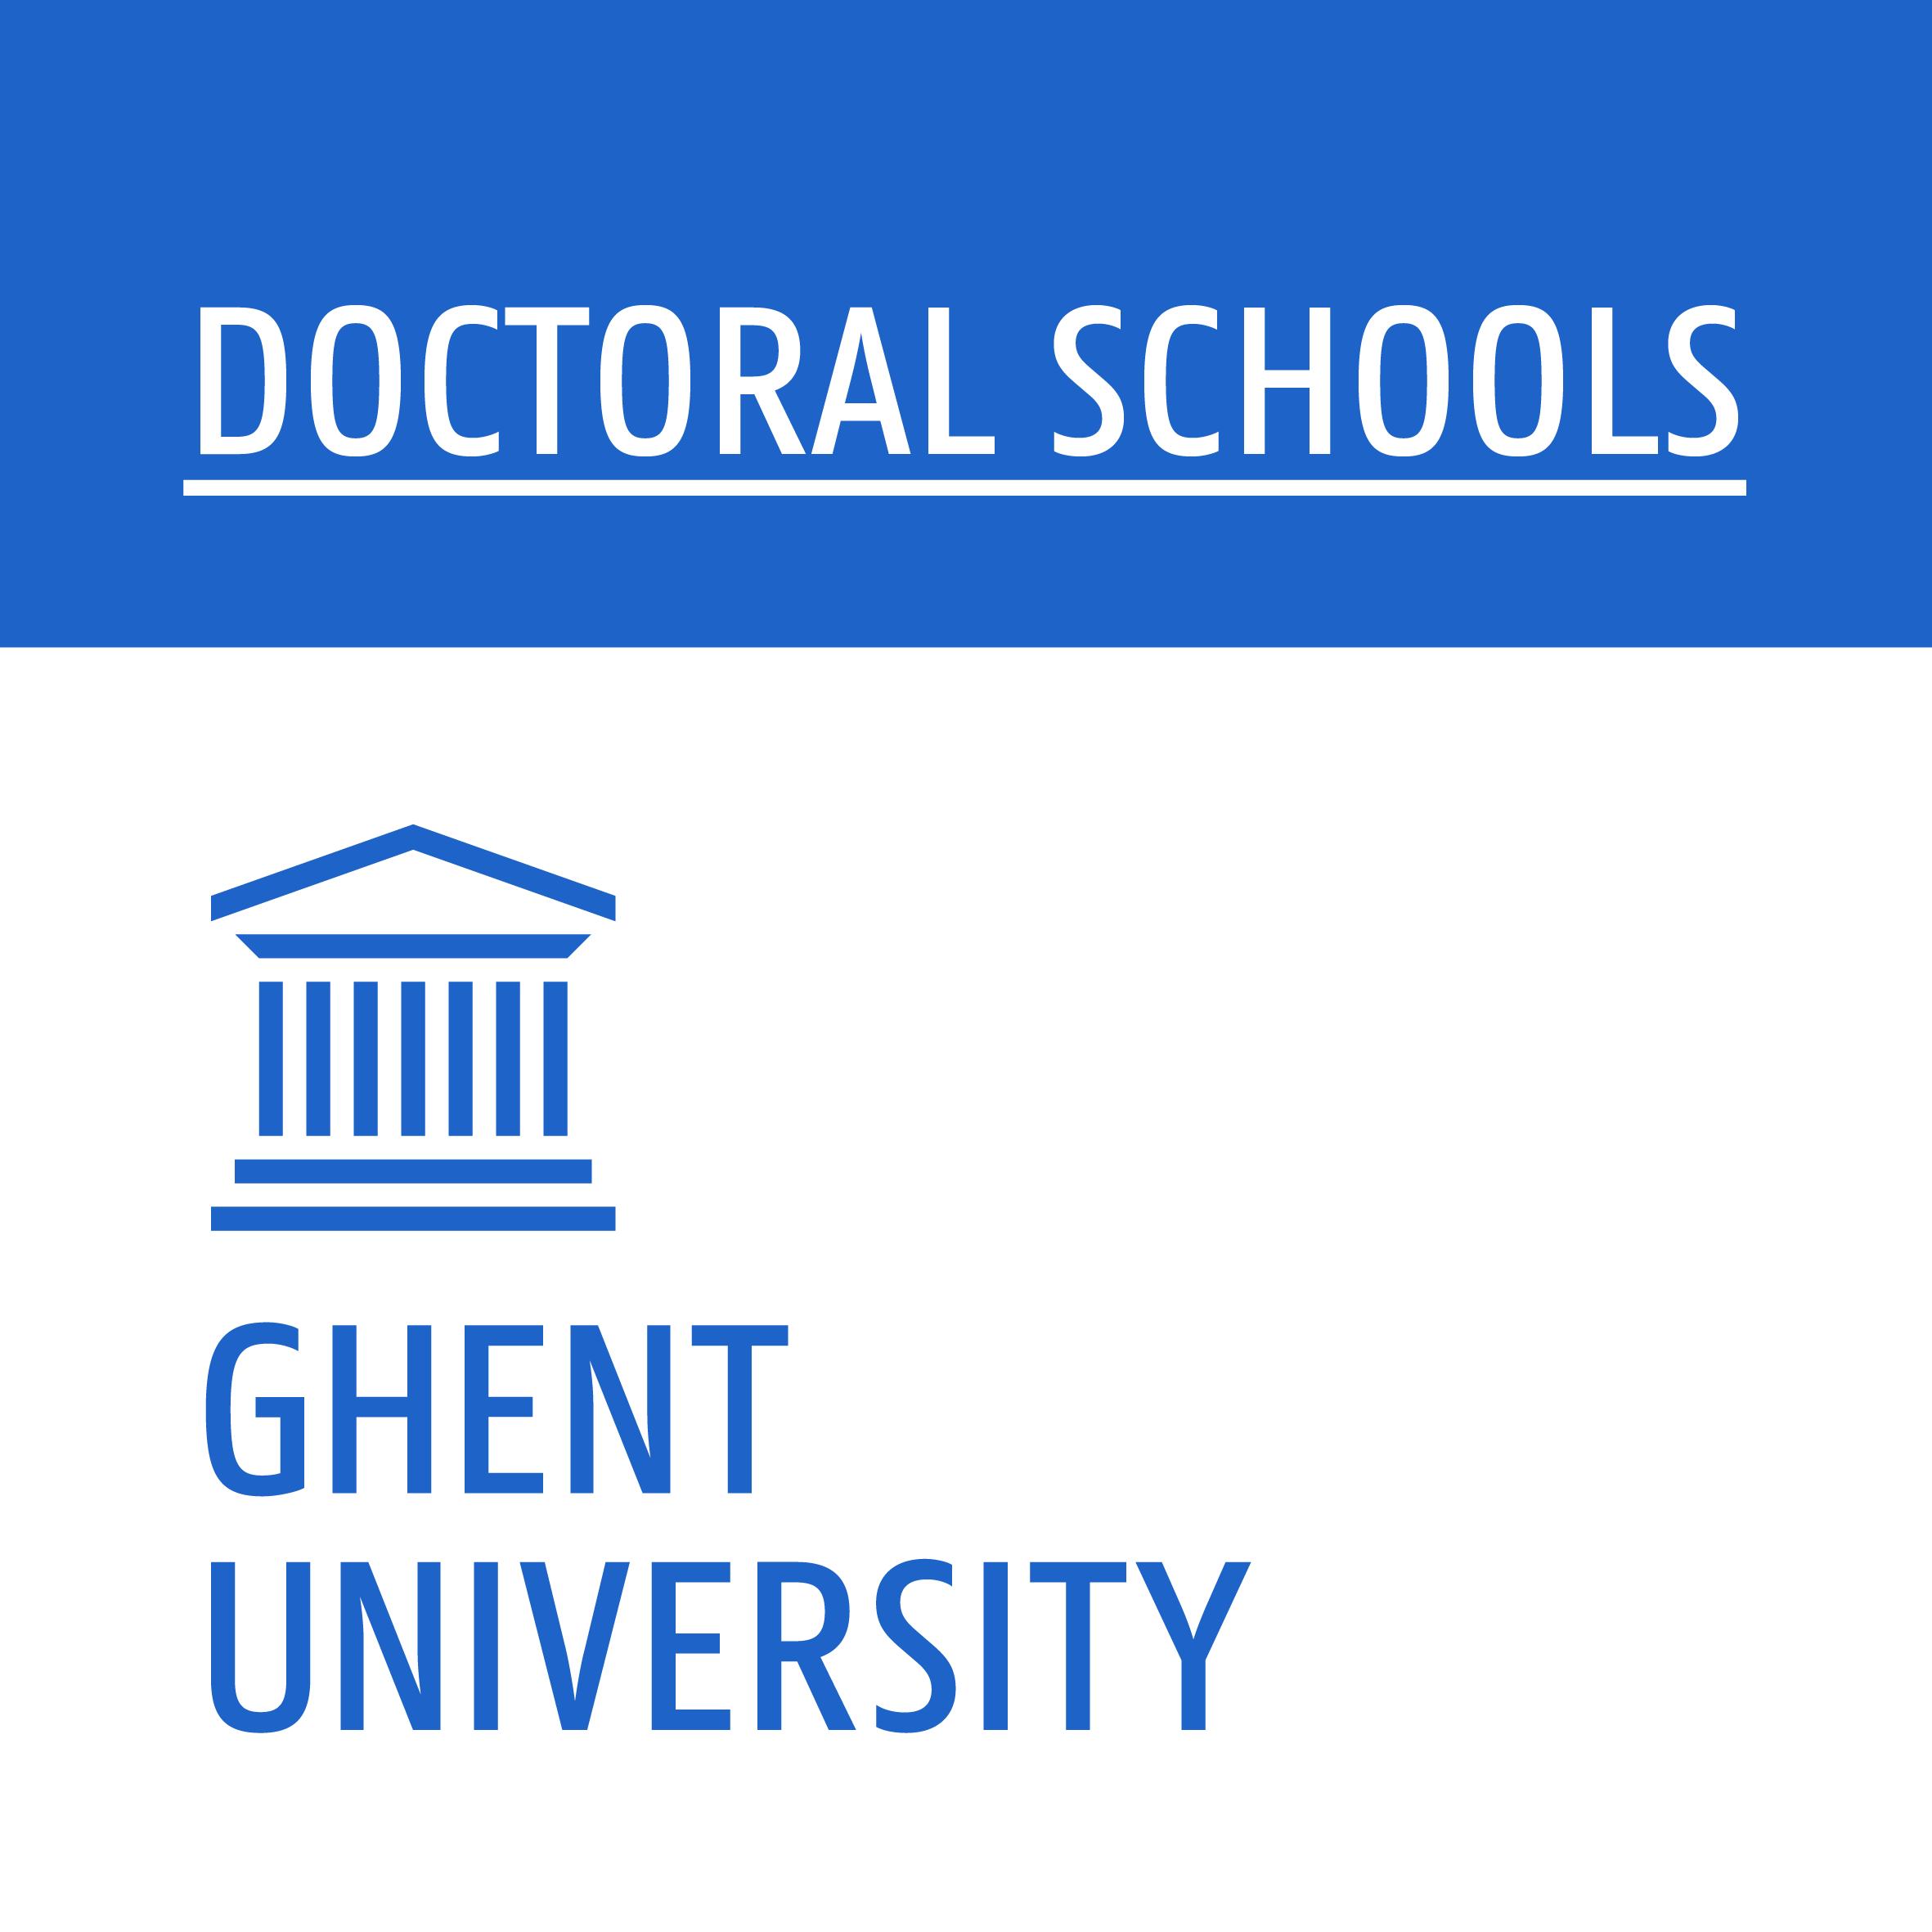 doctoralschoolsprofiel_hq_rgb_web